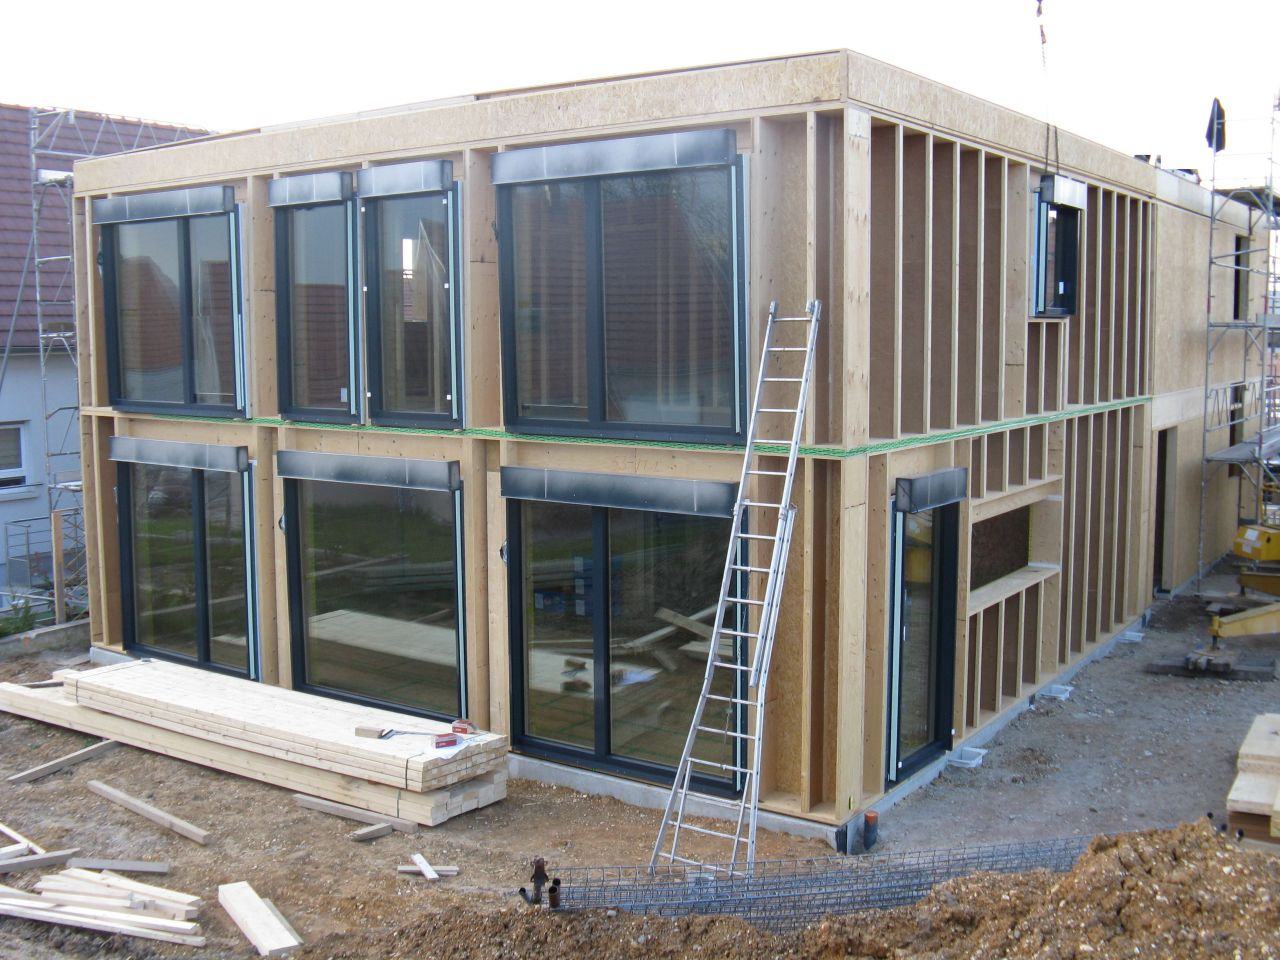 Montage des fenêtres côté sud, le côté qui va récolter la chaleur solaire. triple vitrage, facteur solaire de 61% (61% de la lumière traverse), Uw de 0.64 W/°K/m2